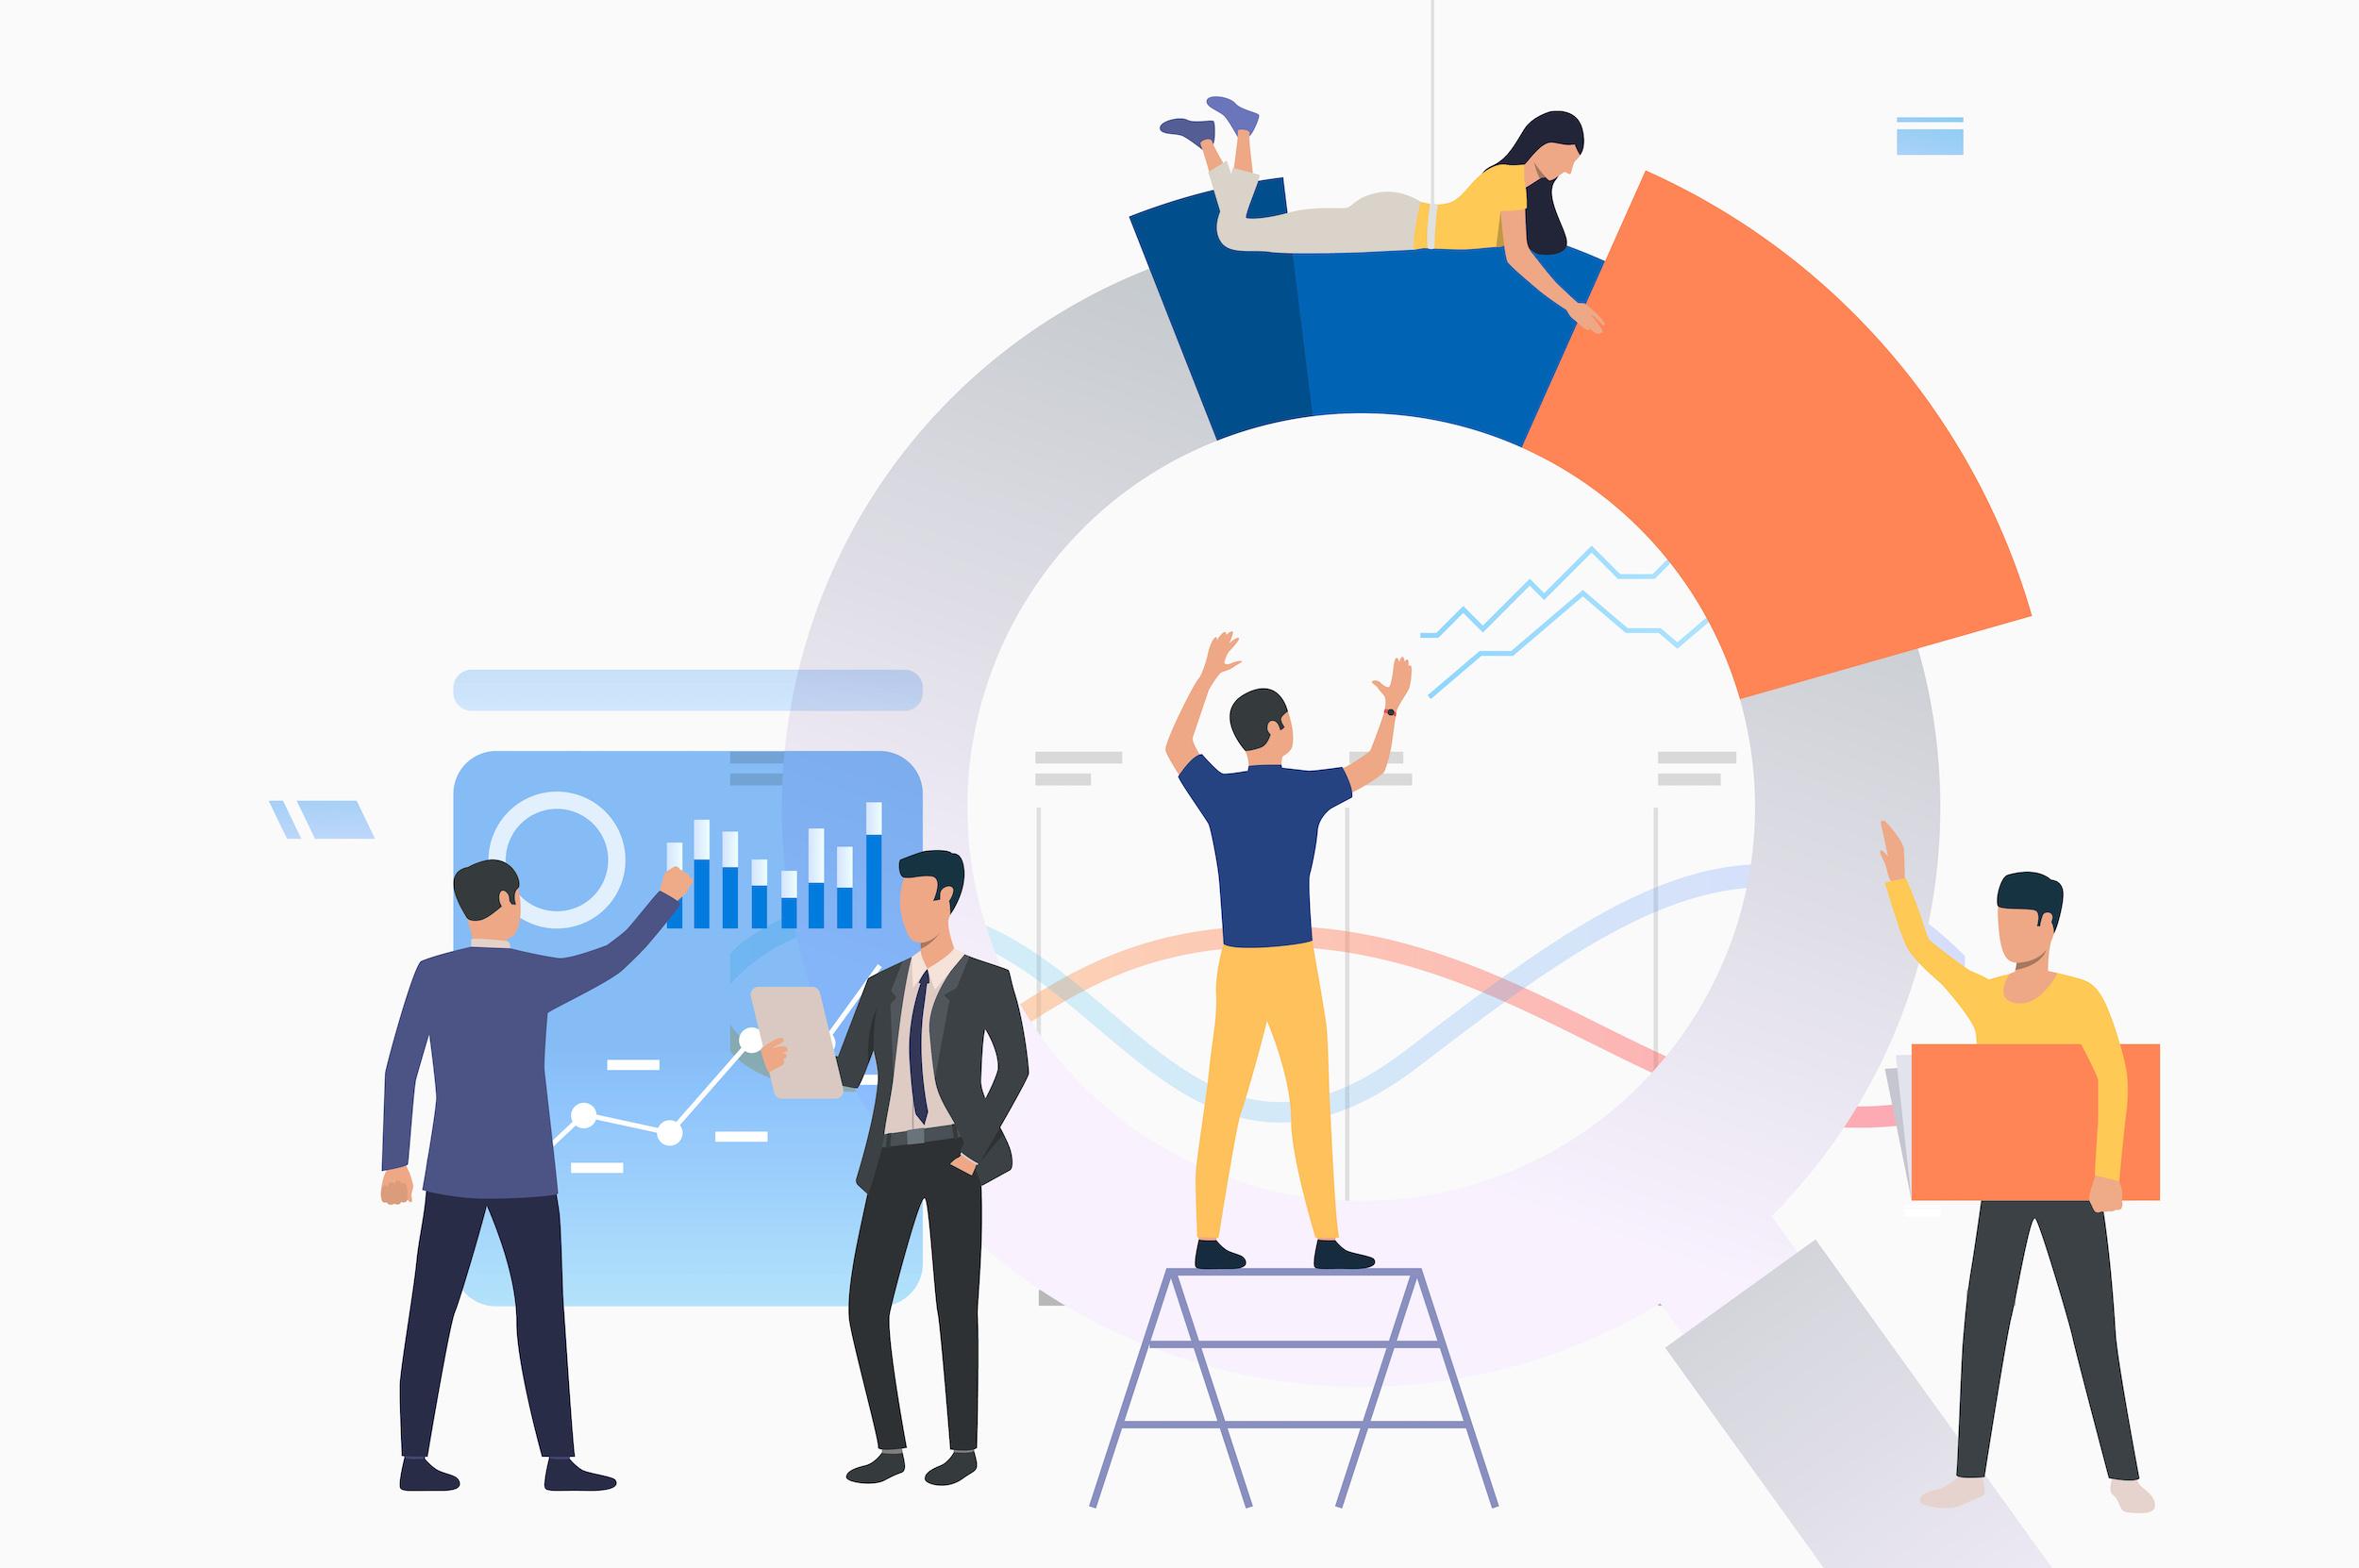 วิธีรักษาวัฒนธรรมองค์กรให้แข็งแรงอยู่เสมอ | Skooldio Blog - Tech Giants: How culture shapes the way they do things